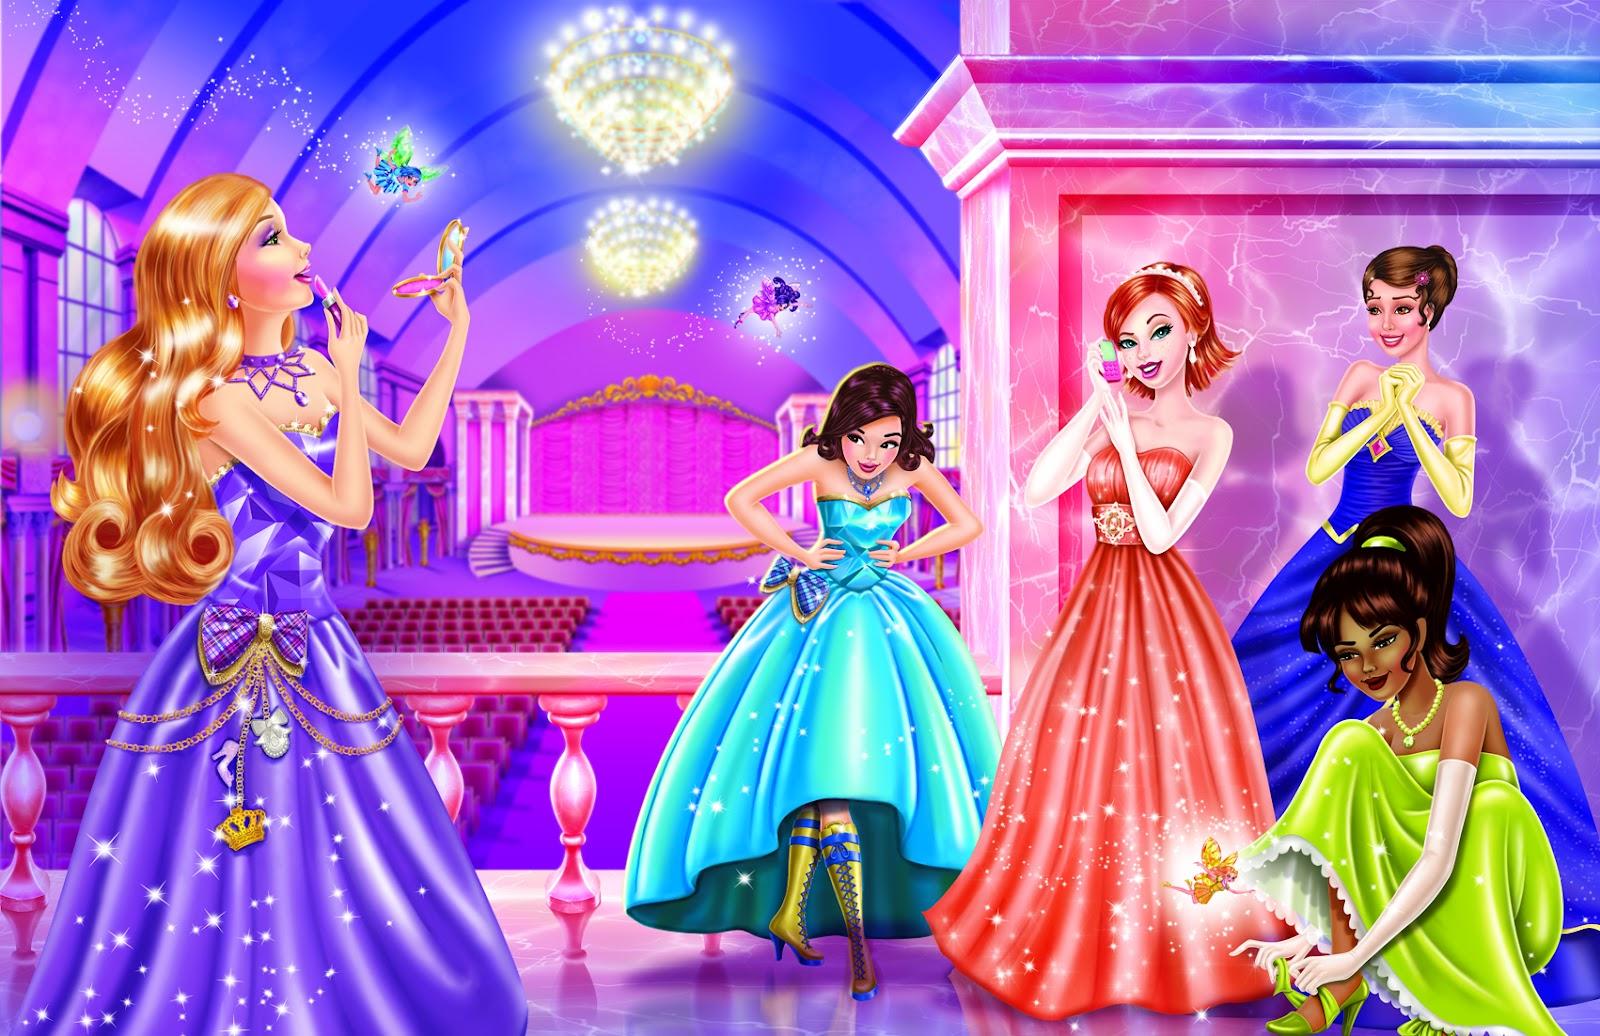 http://3.bp.blogspot.com/-UrdSQivknFM/T4A-18GR99I/AAAAAAAAArY/jqphZQgFGjo/s1600/BARBIE-princess-charm-school-barbie-movies-24751433-1702-1102.jpg